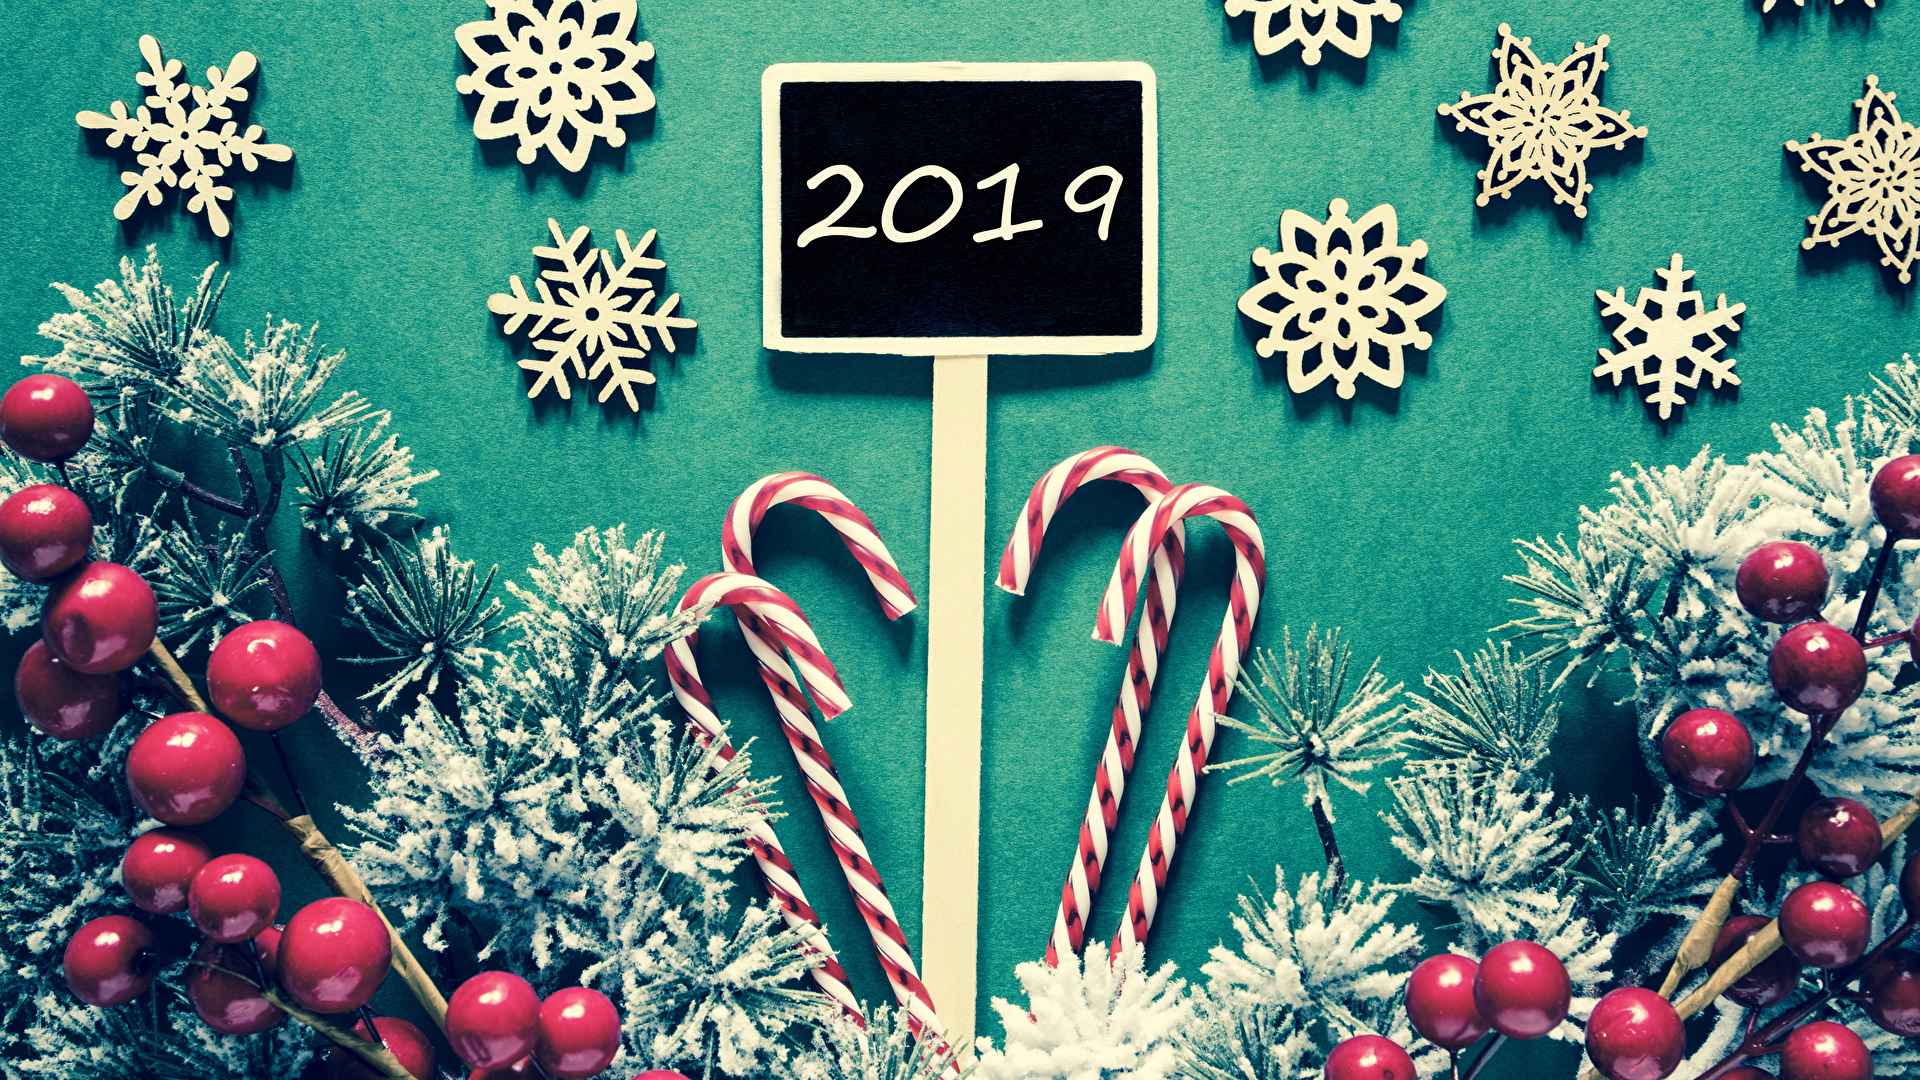 Фото 2019 Рождество Леденцы Снежинки Ветки Ягоды Сладости 1920x1080 Новый год ветвь